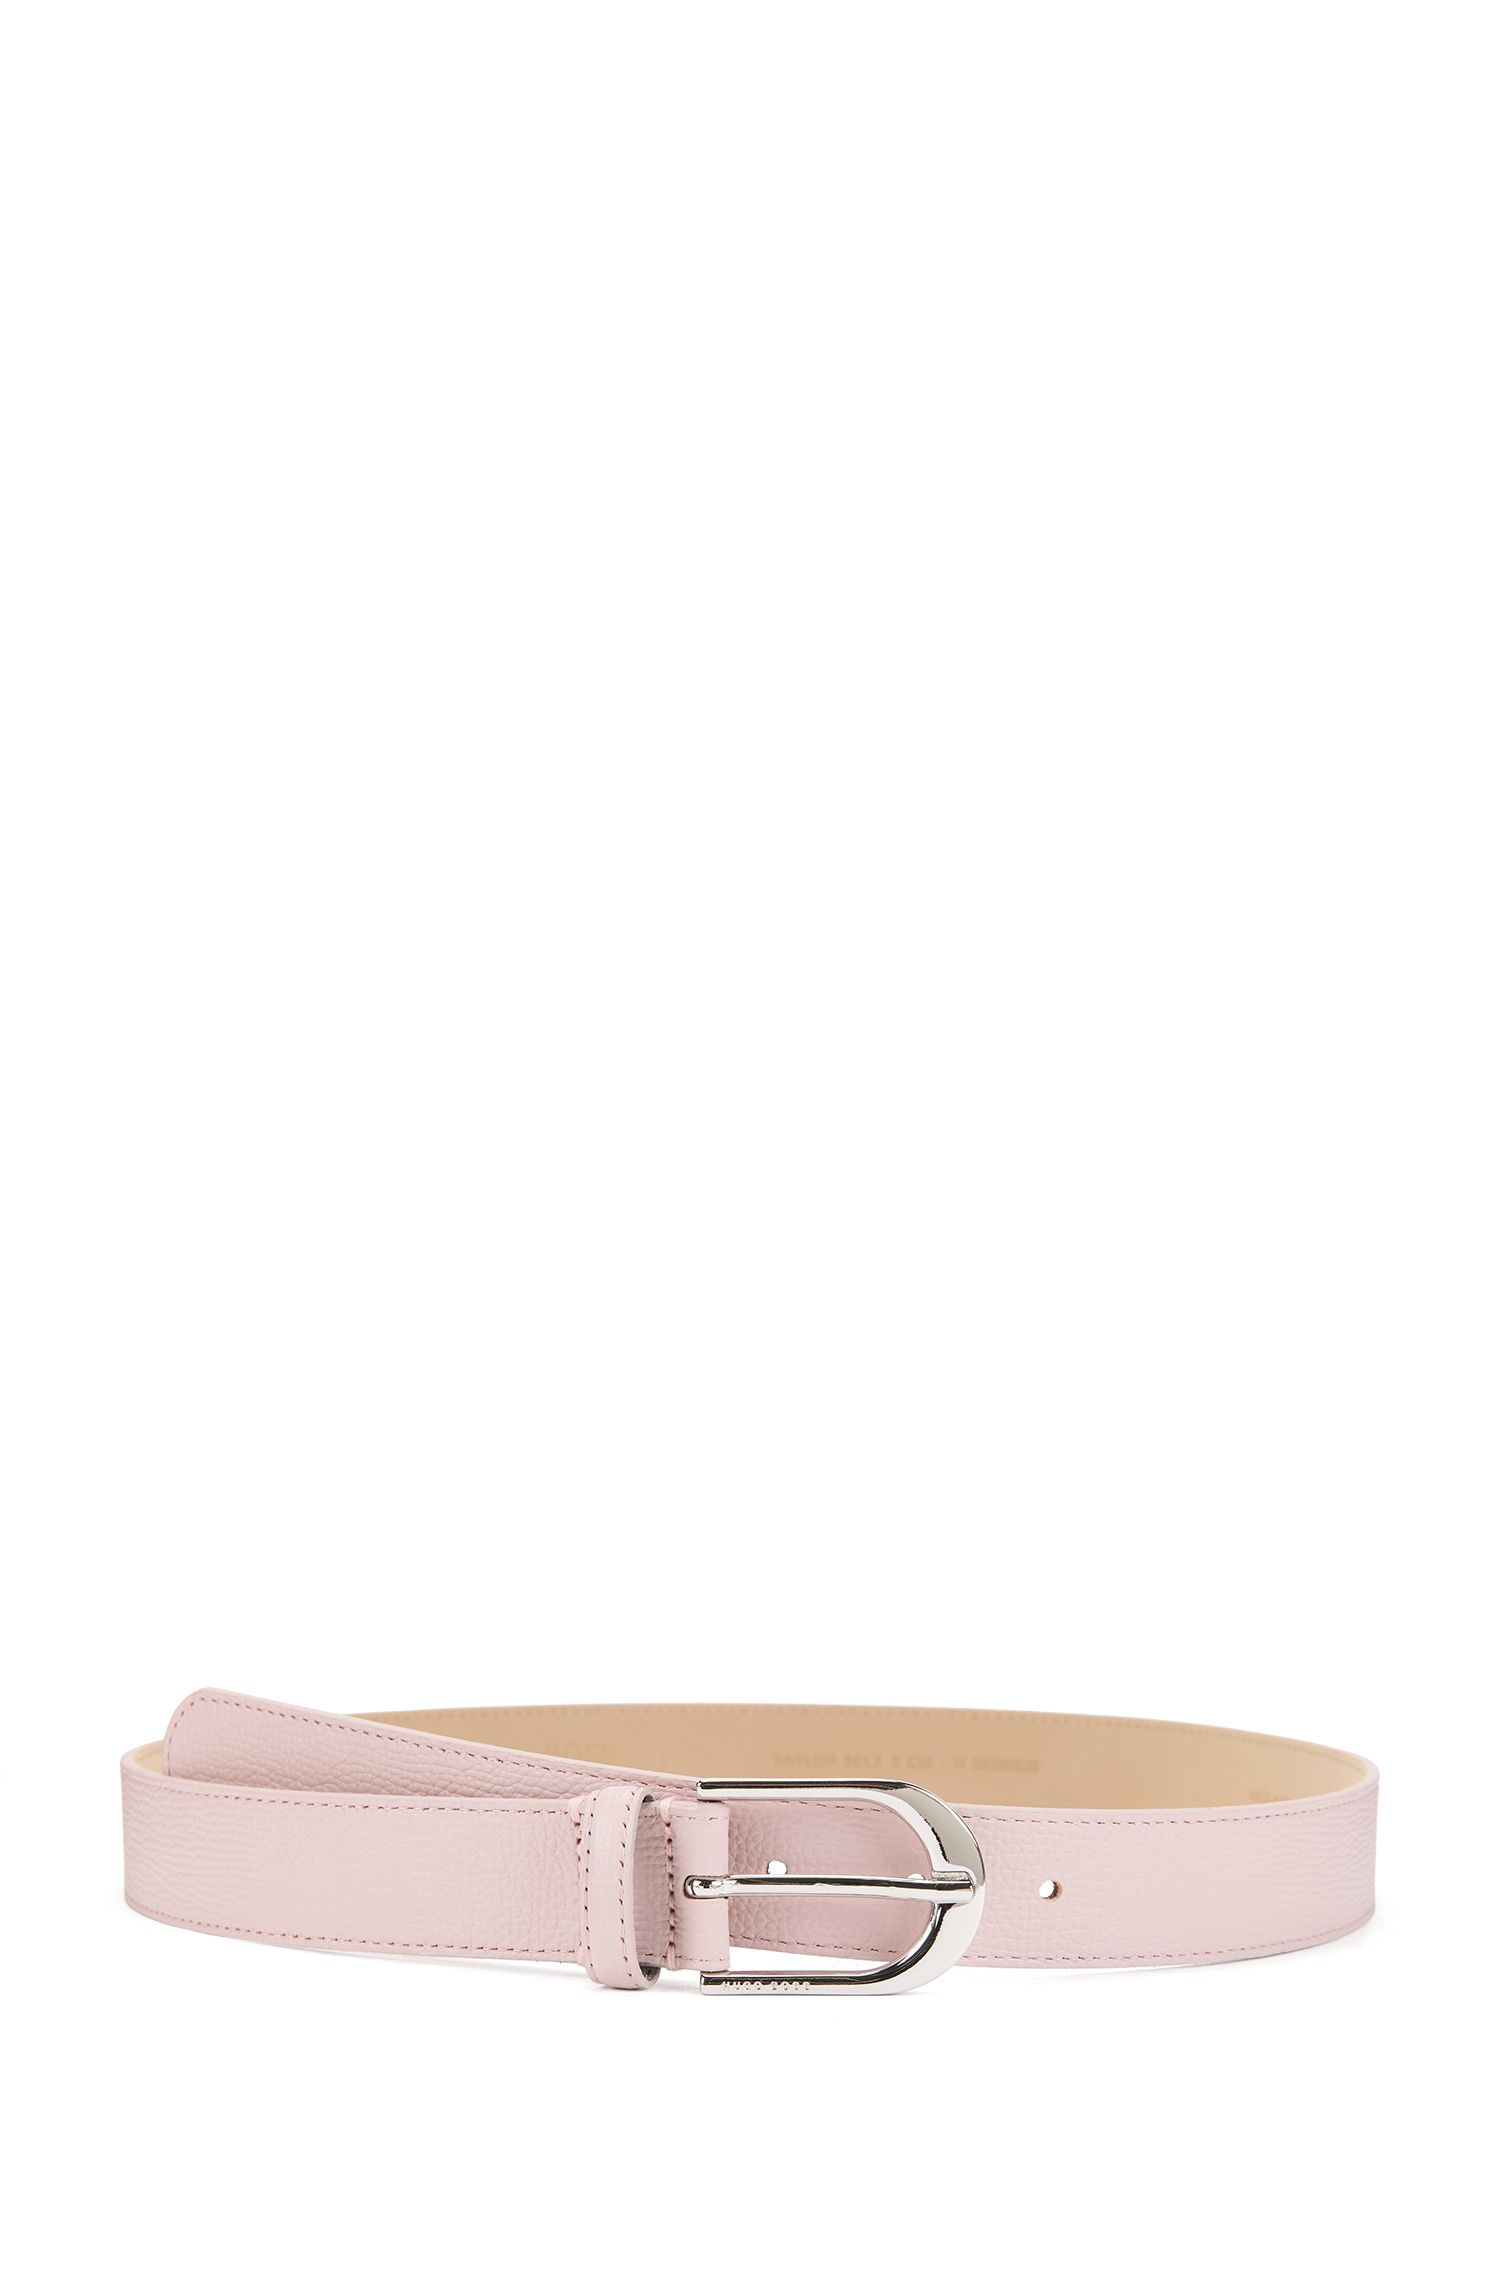 Cinturón de piel italiana con hebilla plateada pulida, Rosa claro